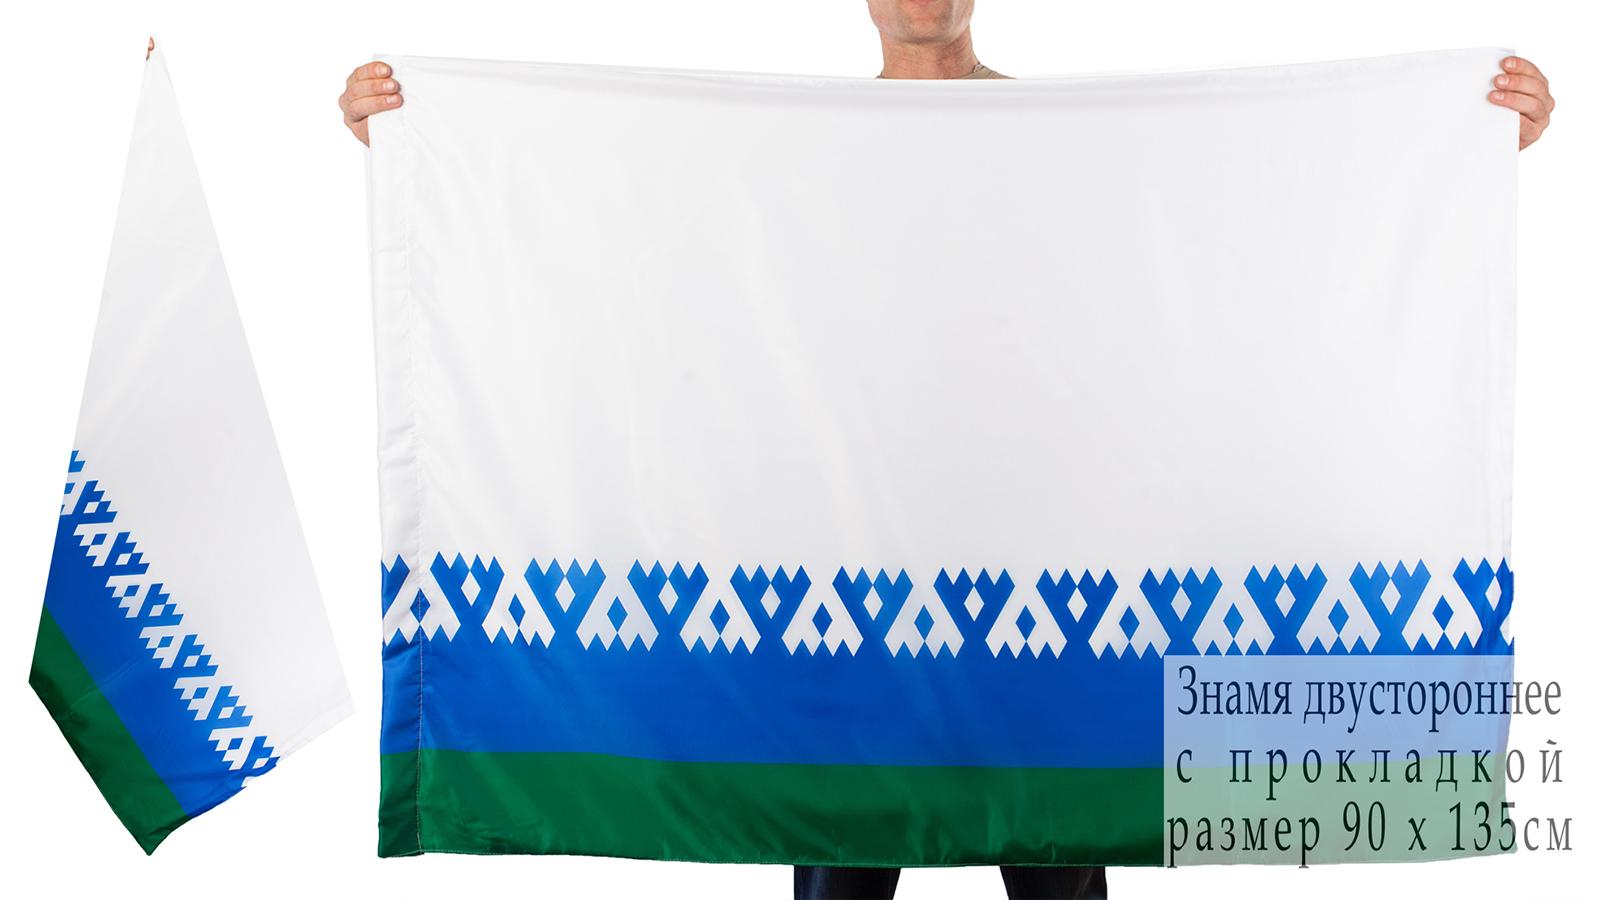 Двухсторонний флаг Ненецкого автономного округа